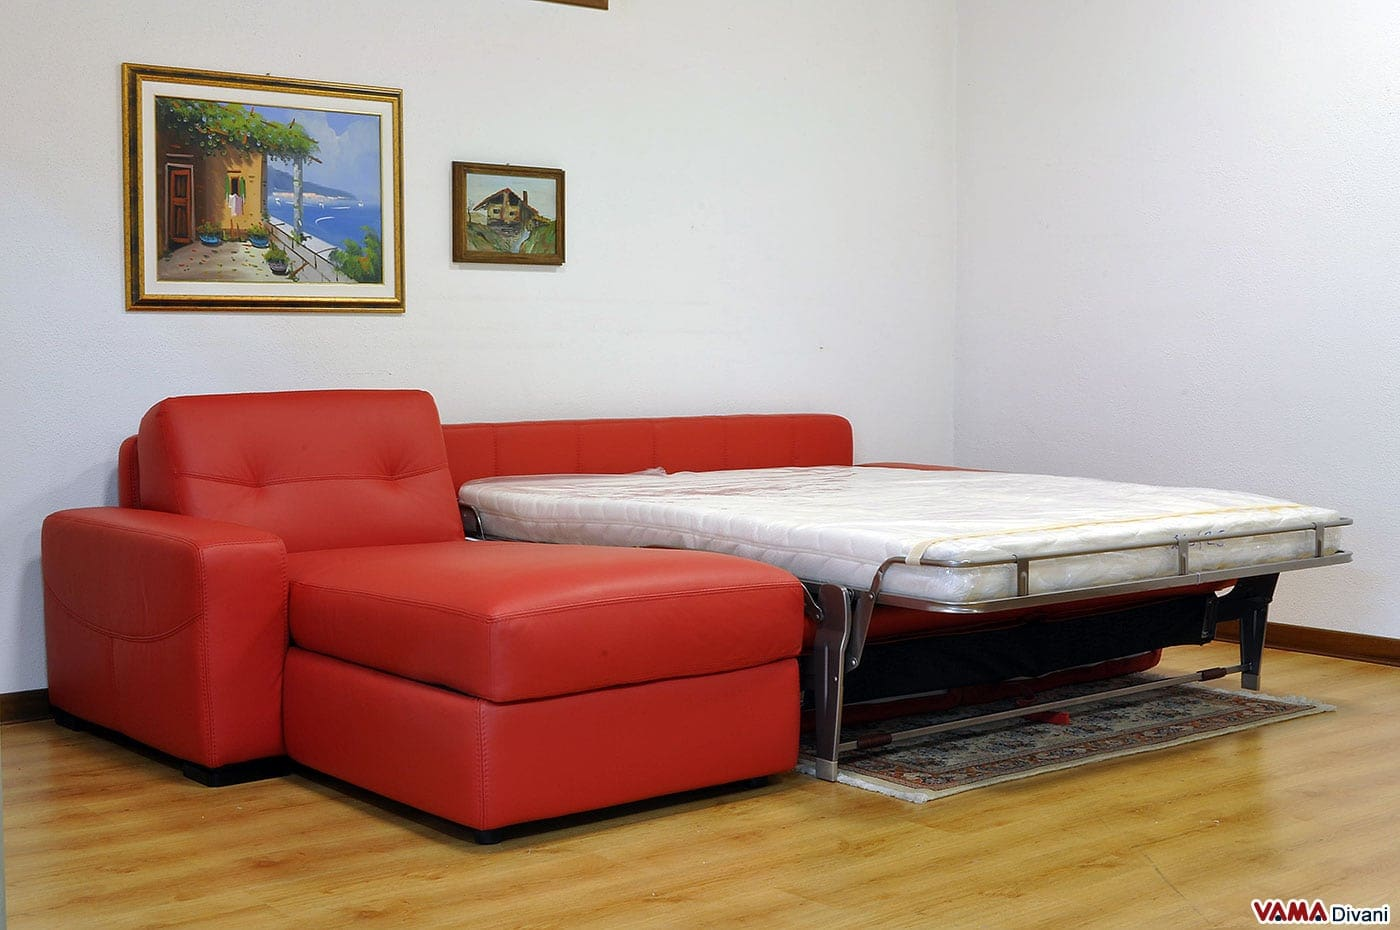 Divano letto con penisola contenitore vama divani - Divano letto doimo prezzo ...